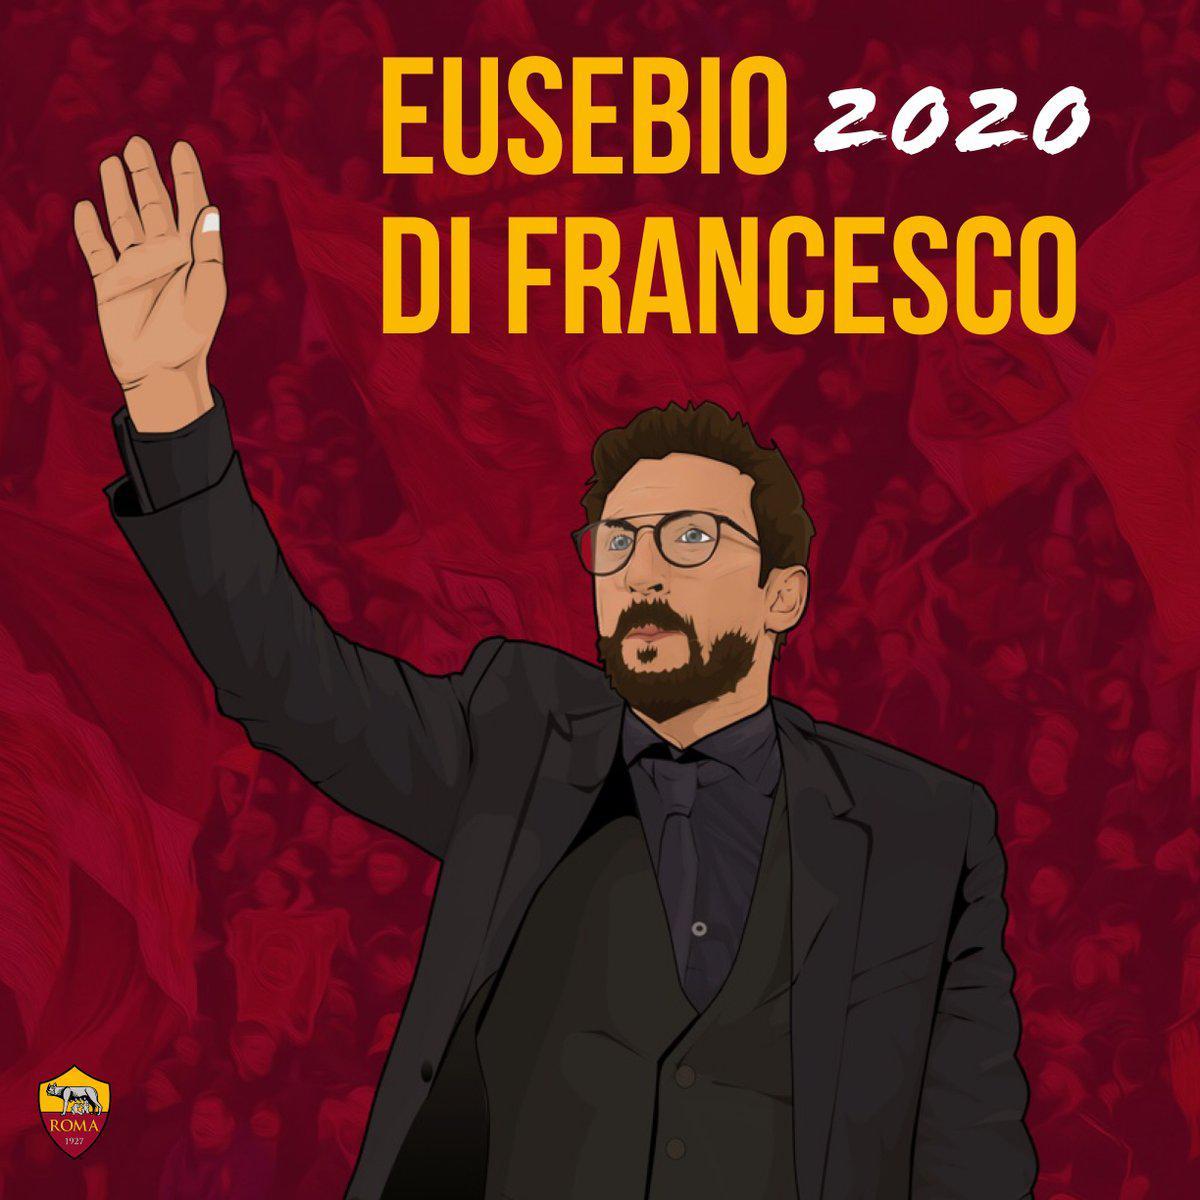 罗马续约少帅至2020年 逆天翻盘巴萨进欧冠四强!